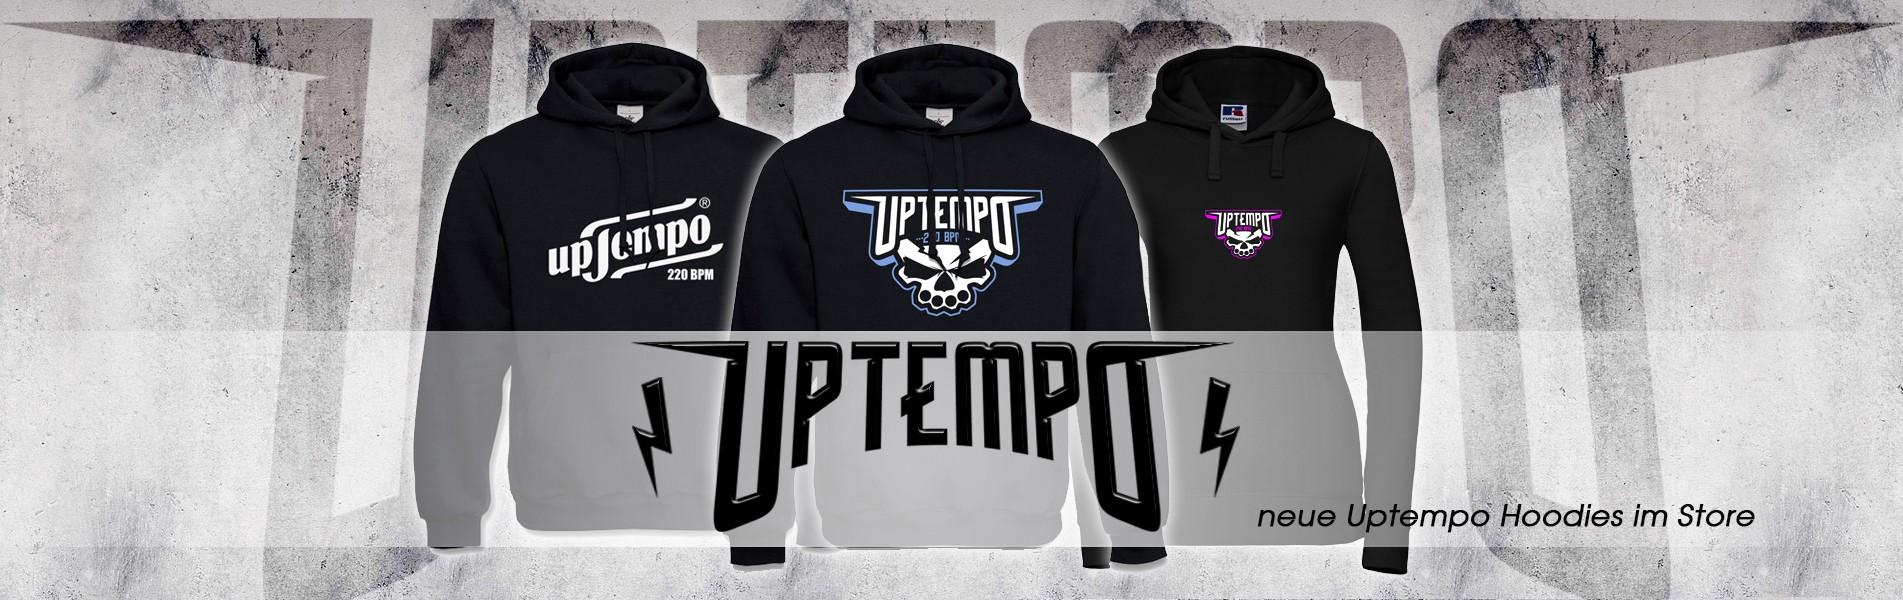 uptempo-hoodie